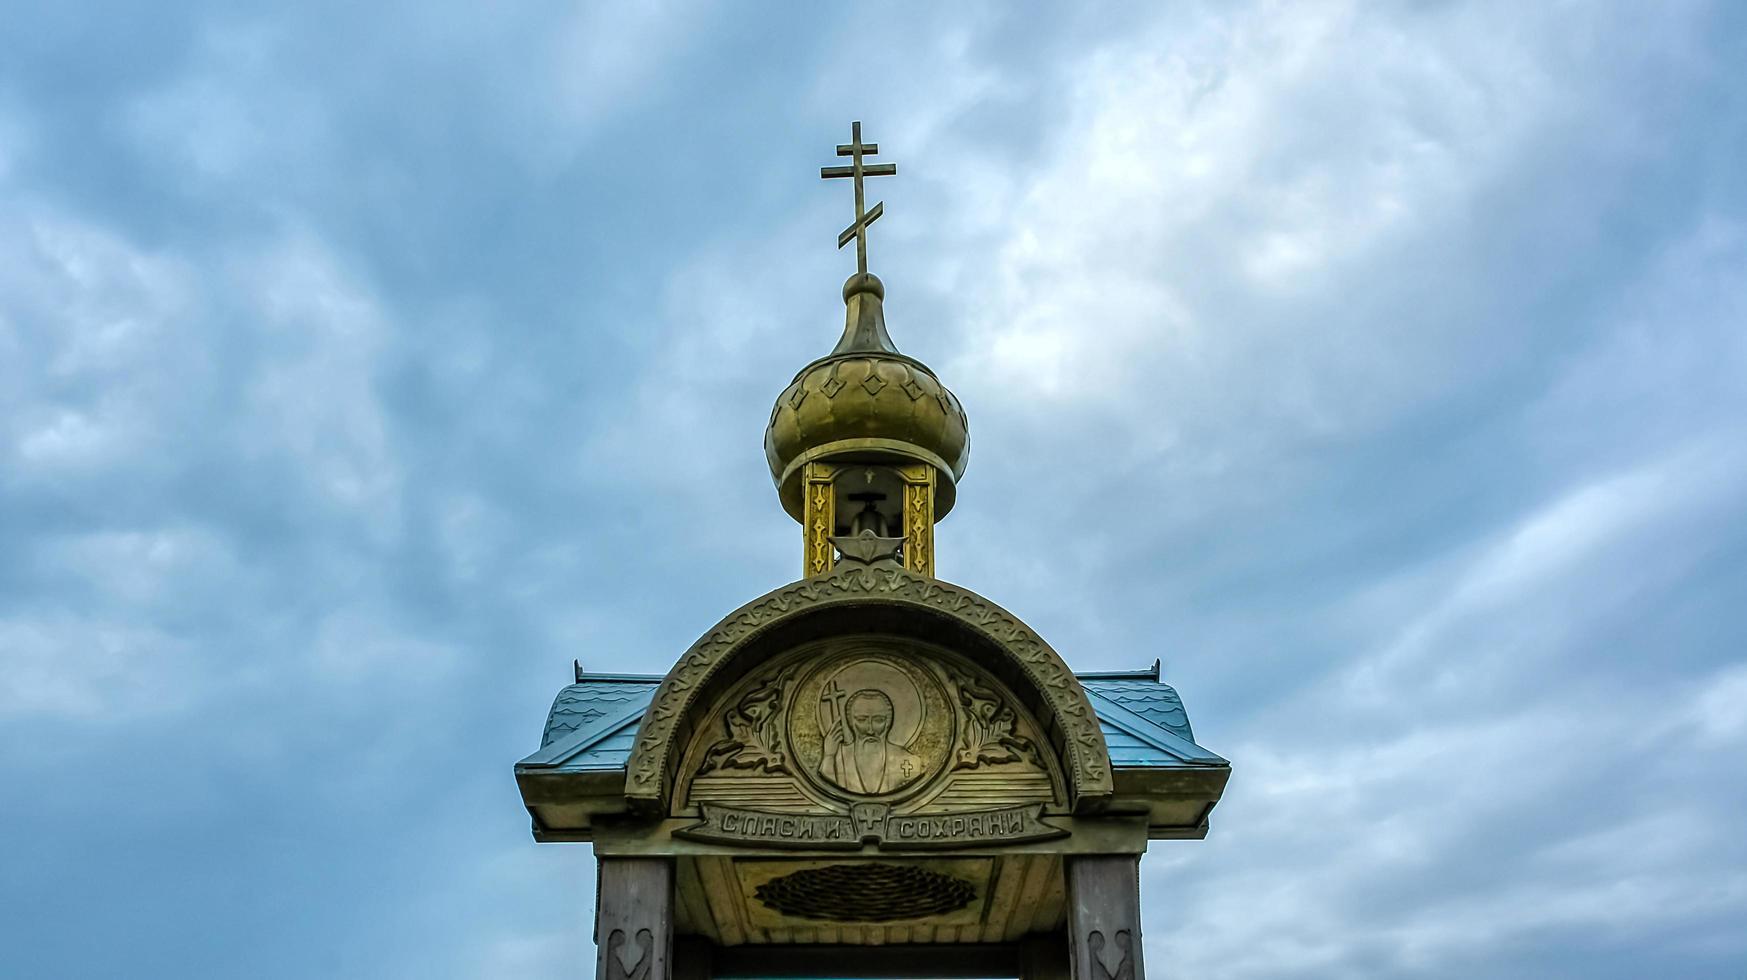 uma capela de madeira no fundo do céu nublado. foto